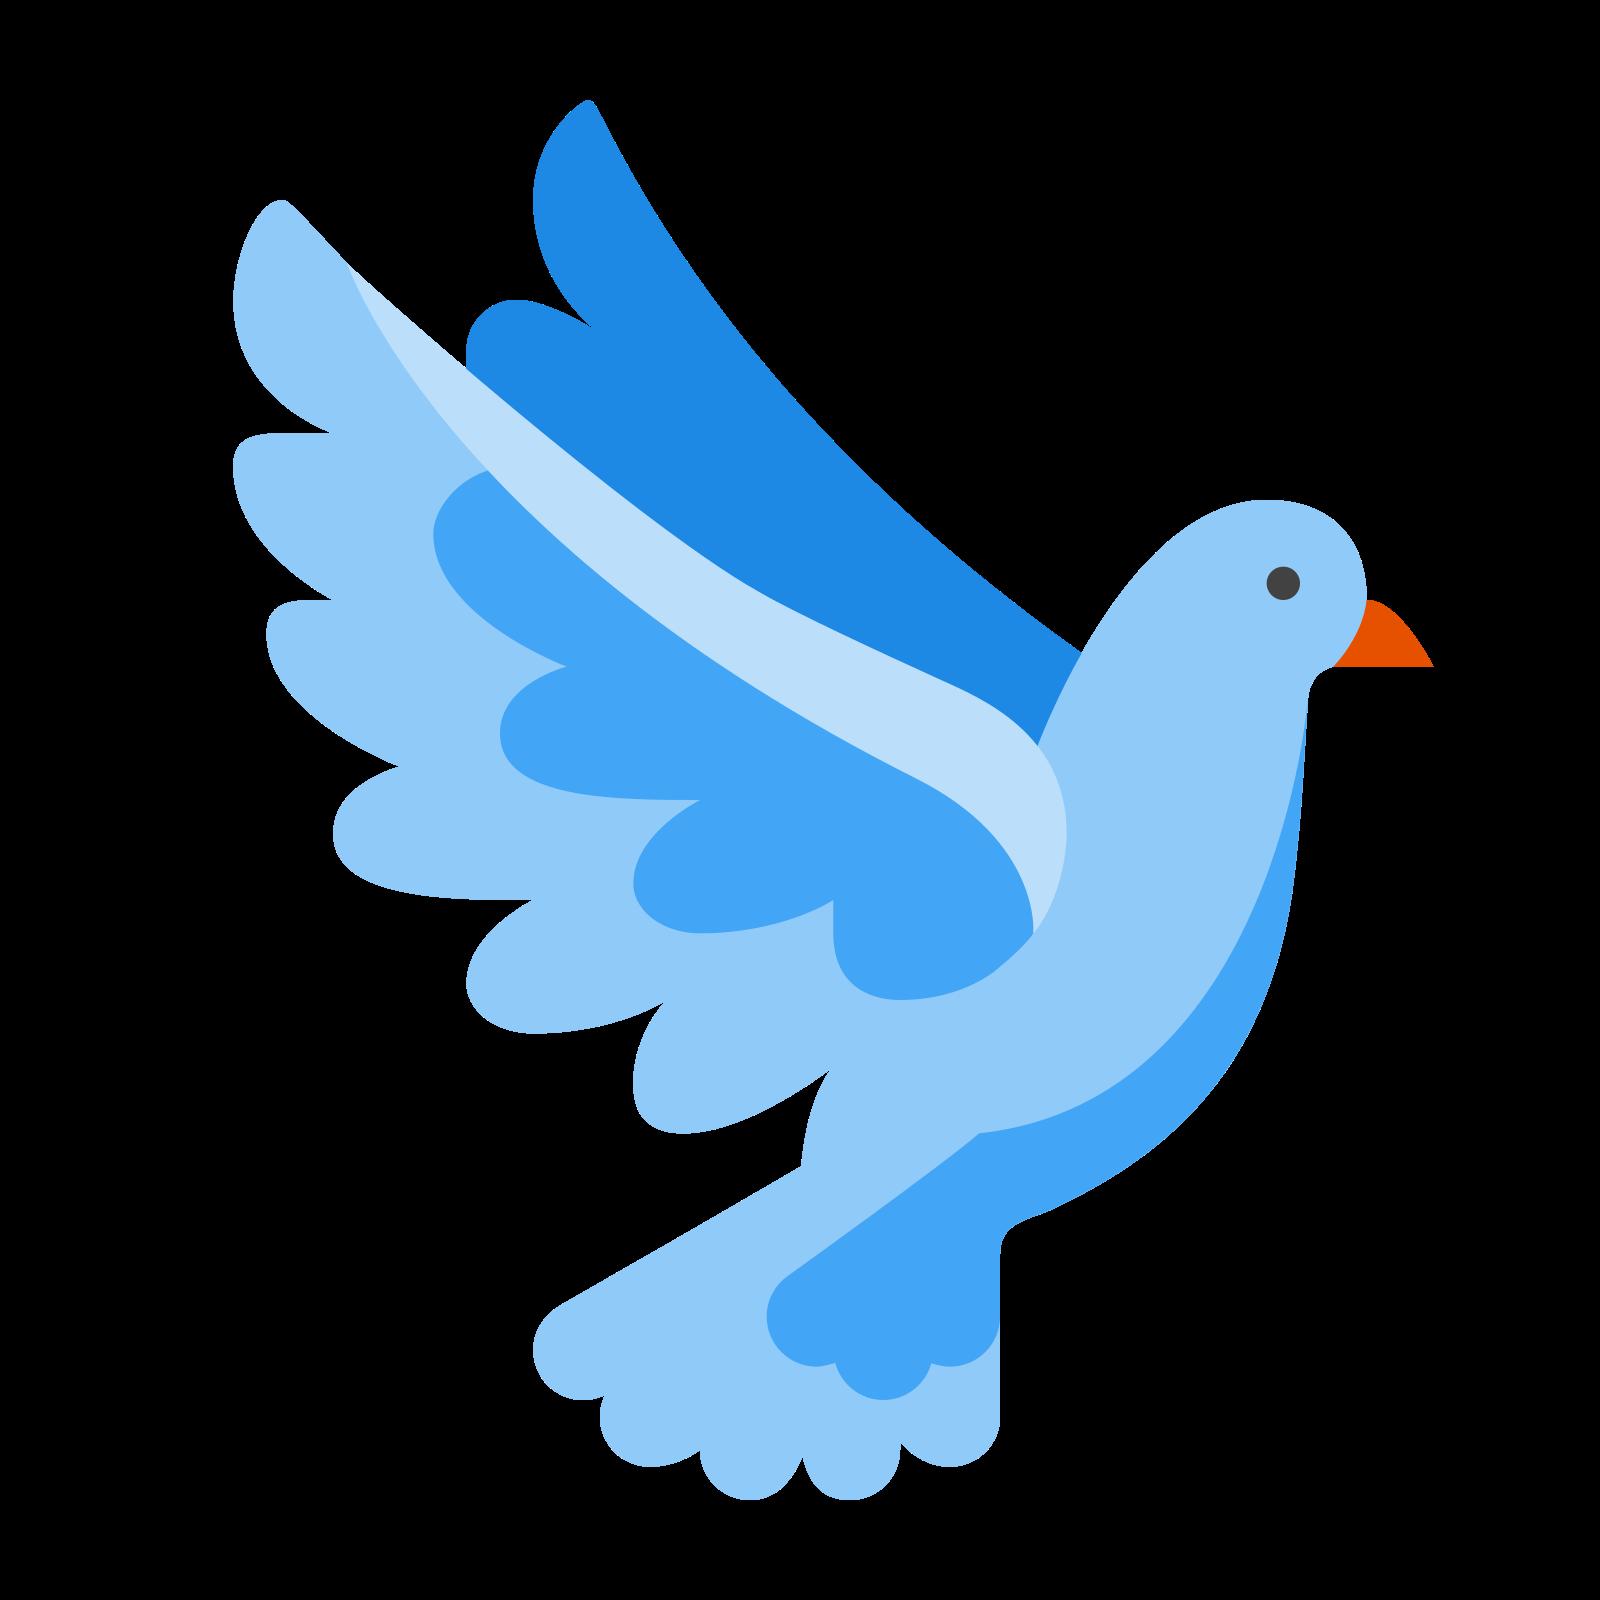 Голубь icon